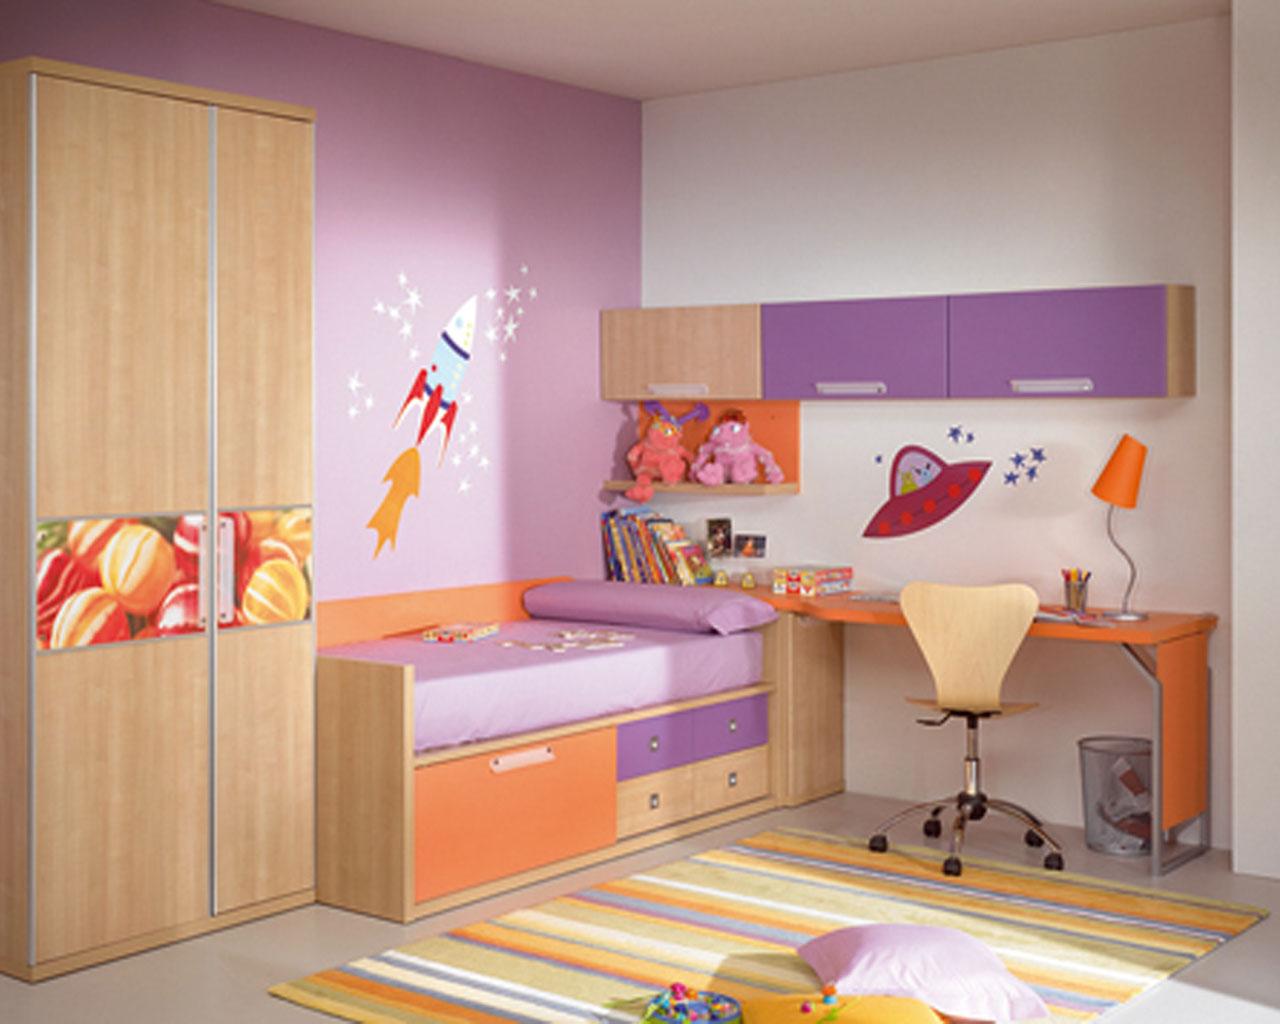 Toddler Room Design Ideas Older Childrens Bedroom Ideas Child Room Wall  Design Toddler Bedroom Decor